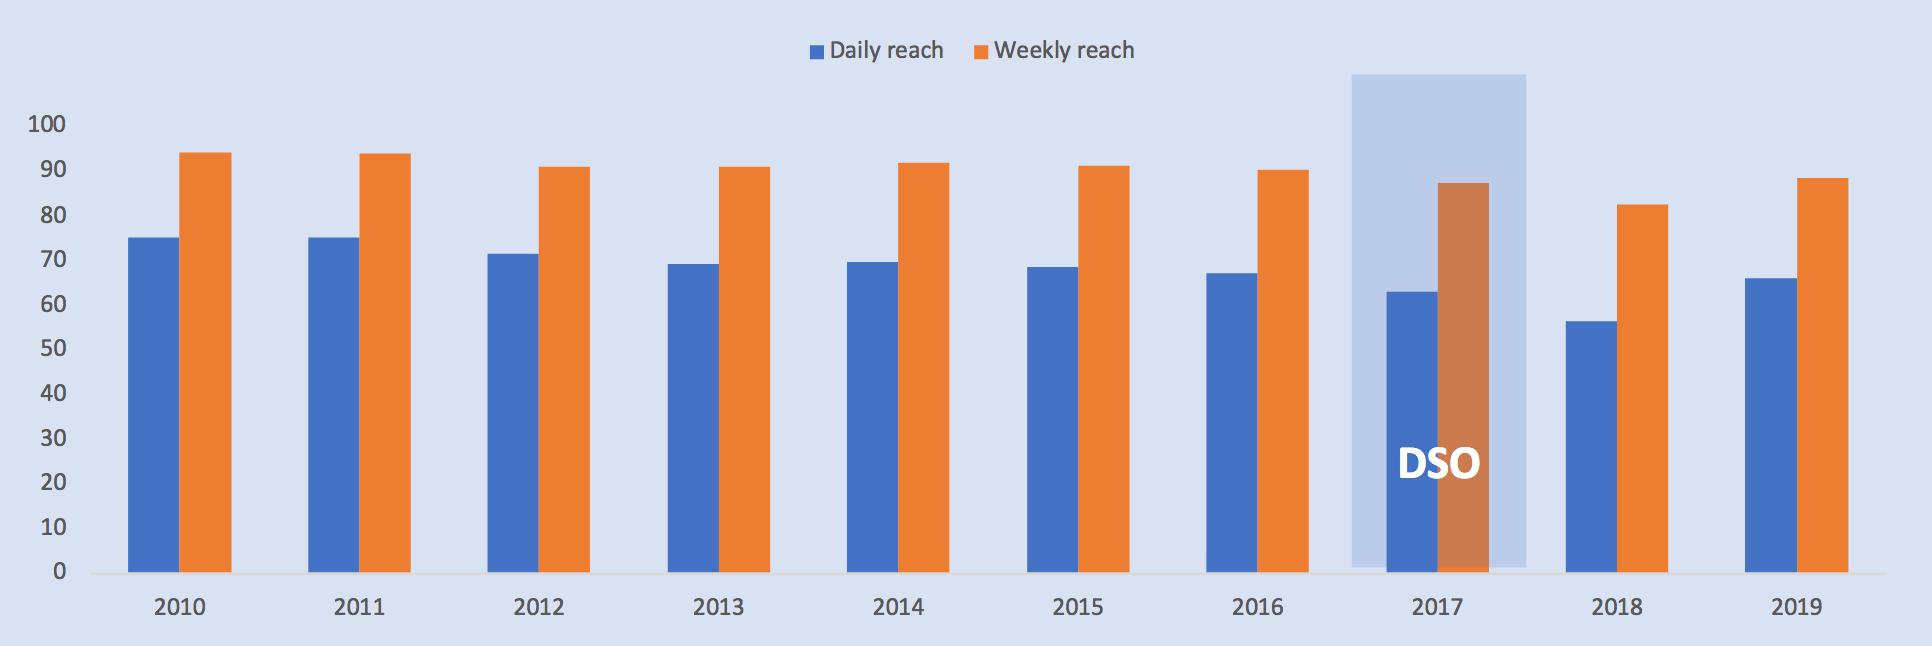 Un an après l'arrêt de la radio FM, le marché de la radio se redresse lentement - les chiffres d'écoute augmentent après le creux de l'été 2018